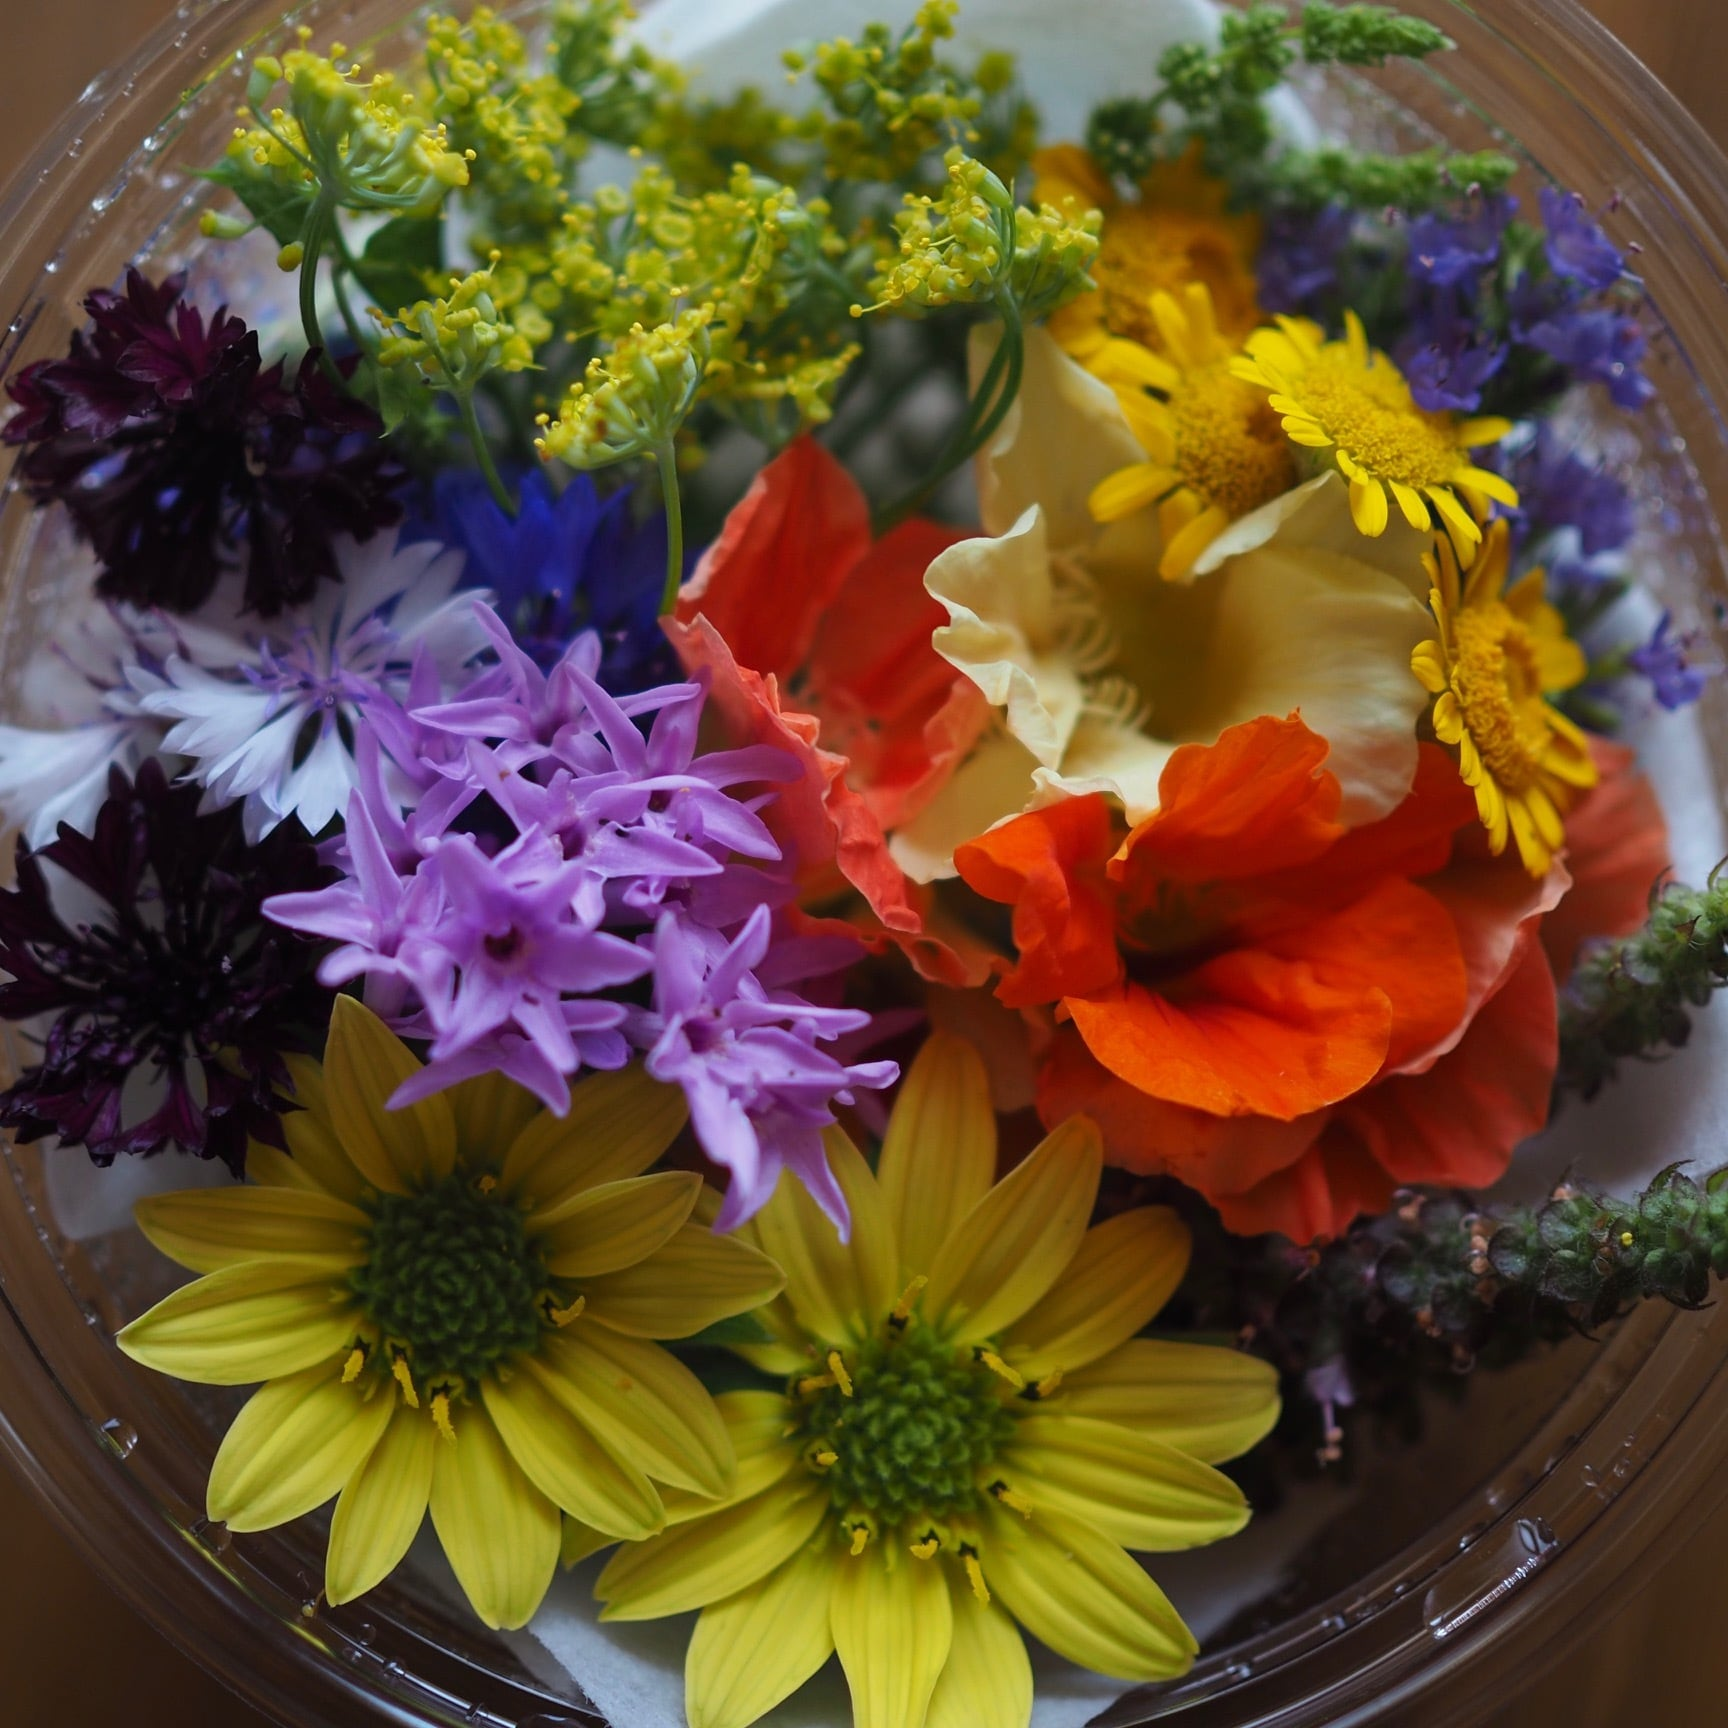 Edible flowers mix  エディブルフラワーミックス Sサイズ